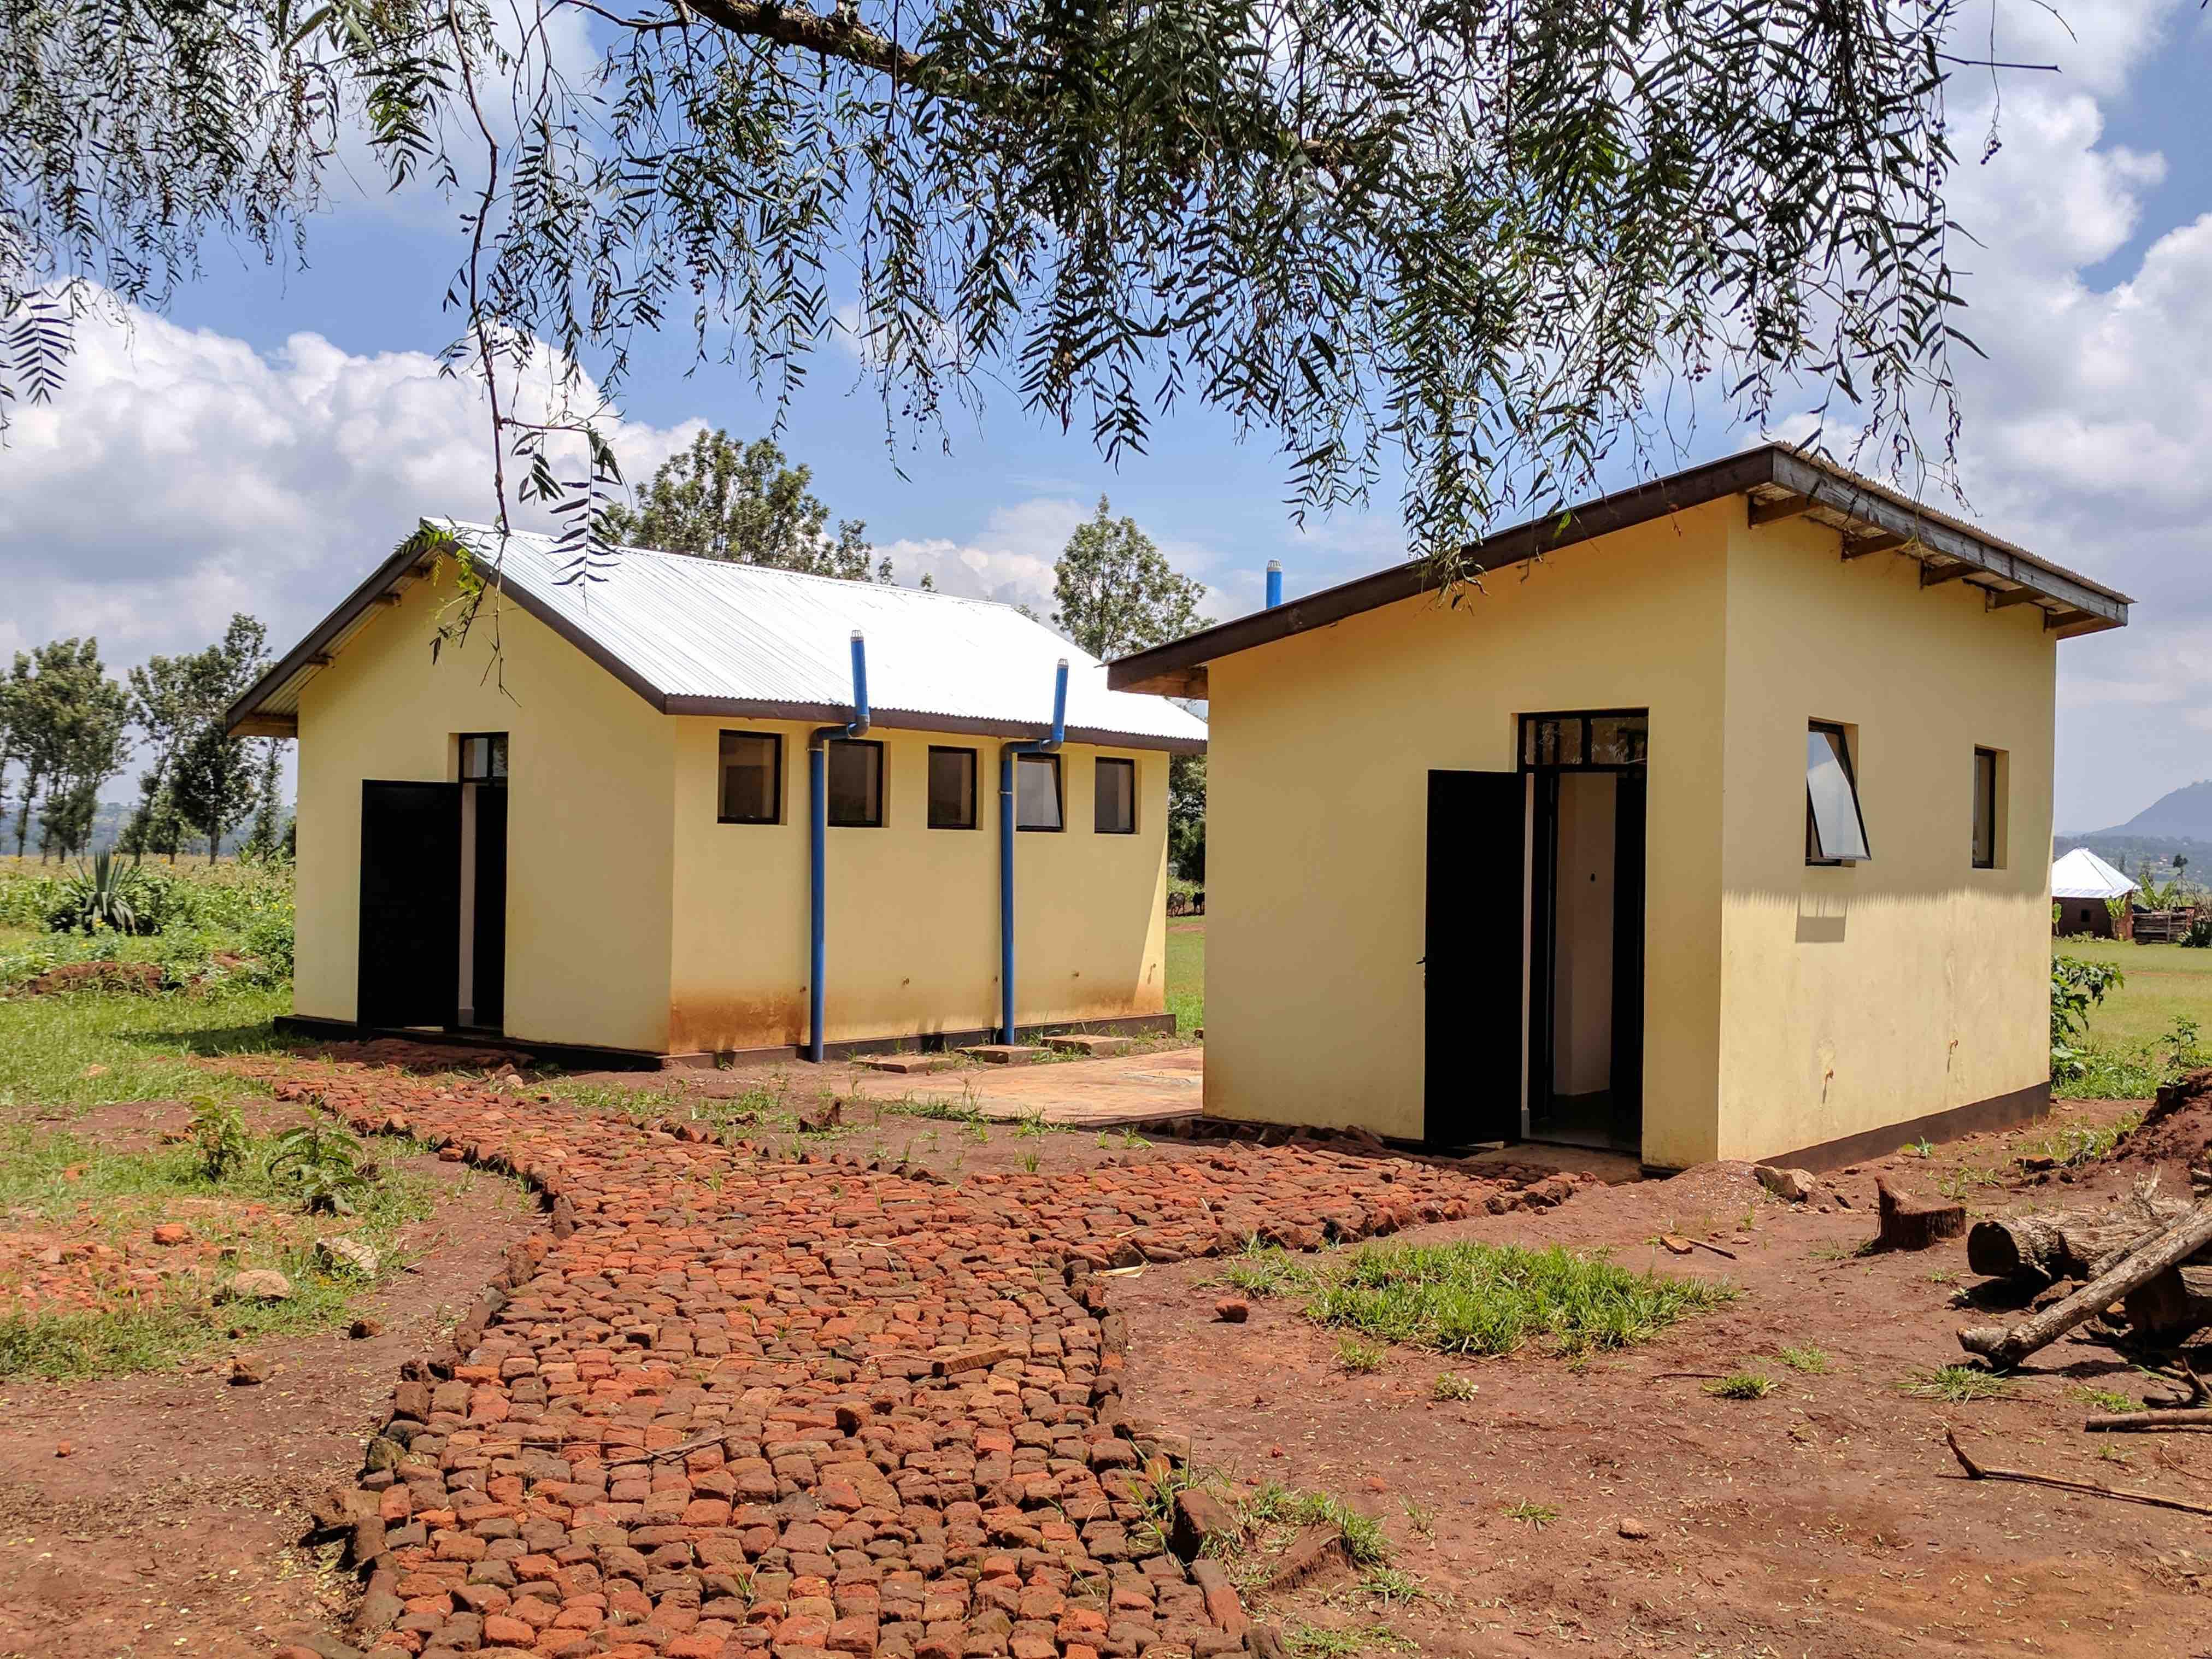 24 - Programs - School programs - Haysam bathrooms.jpg